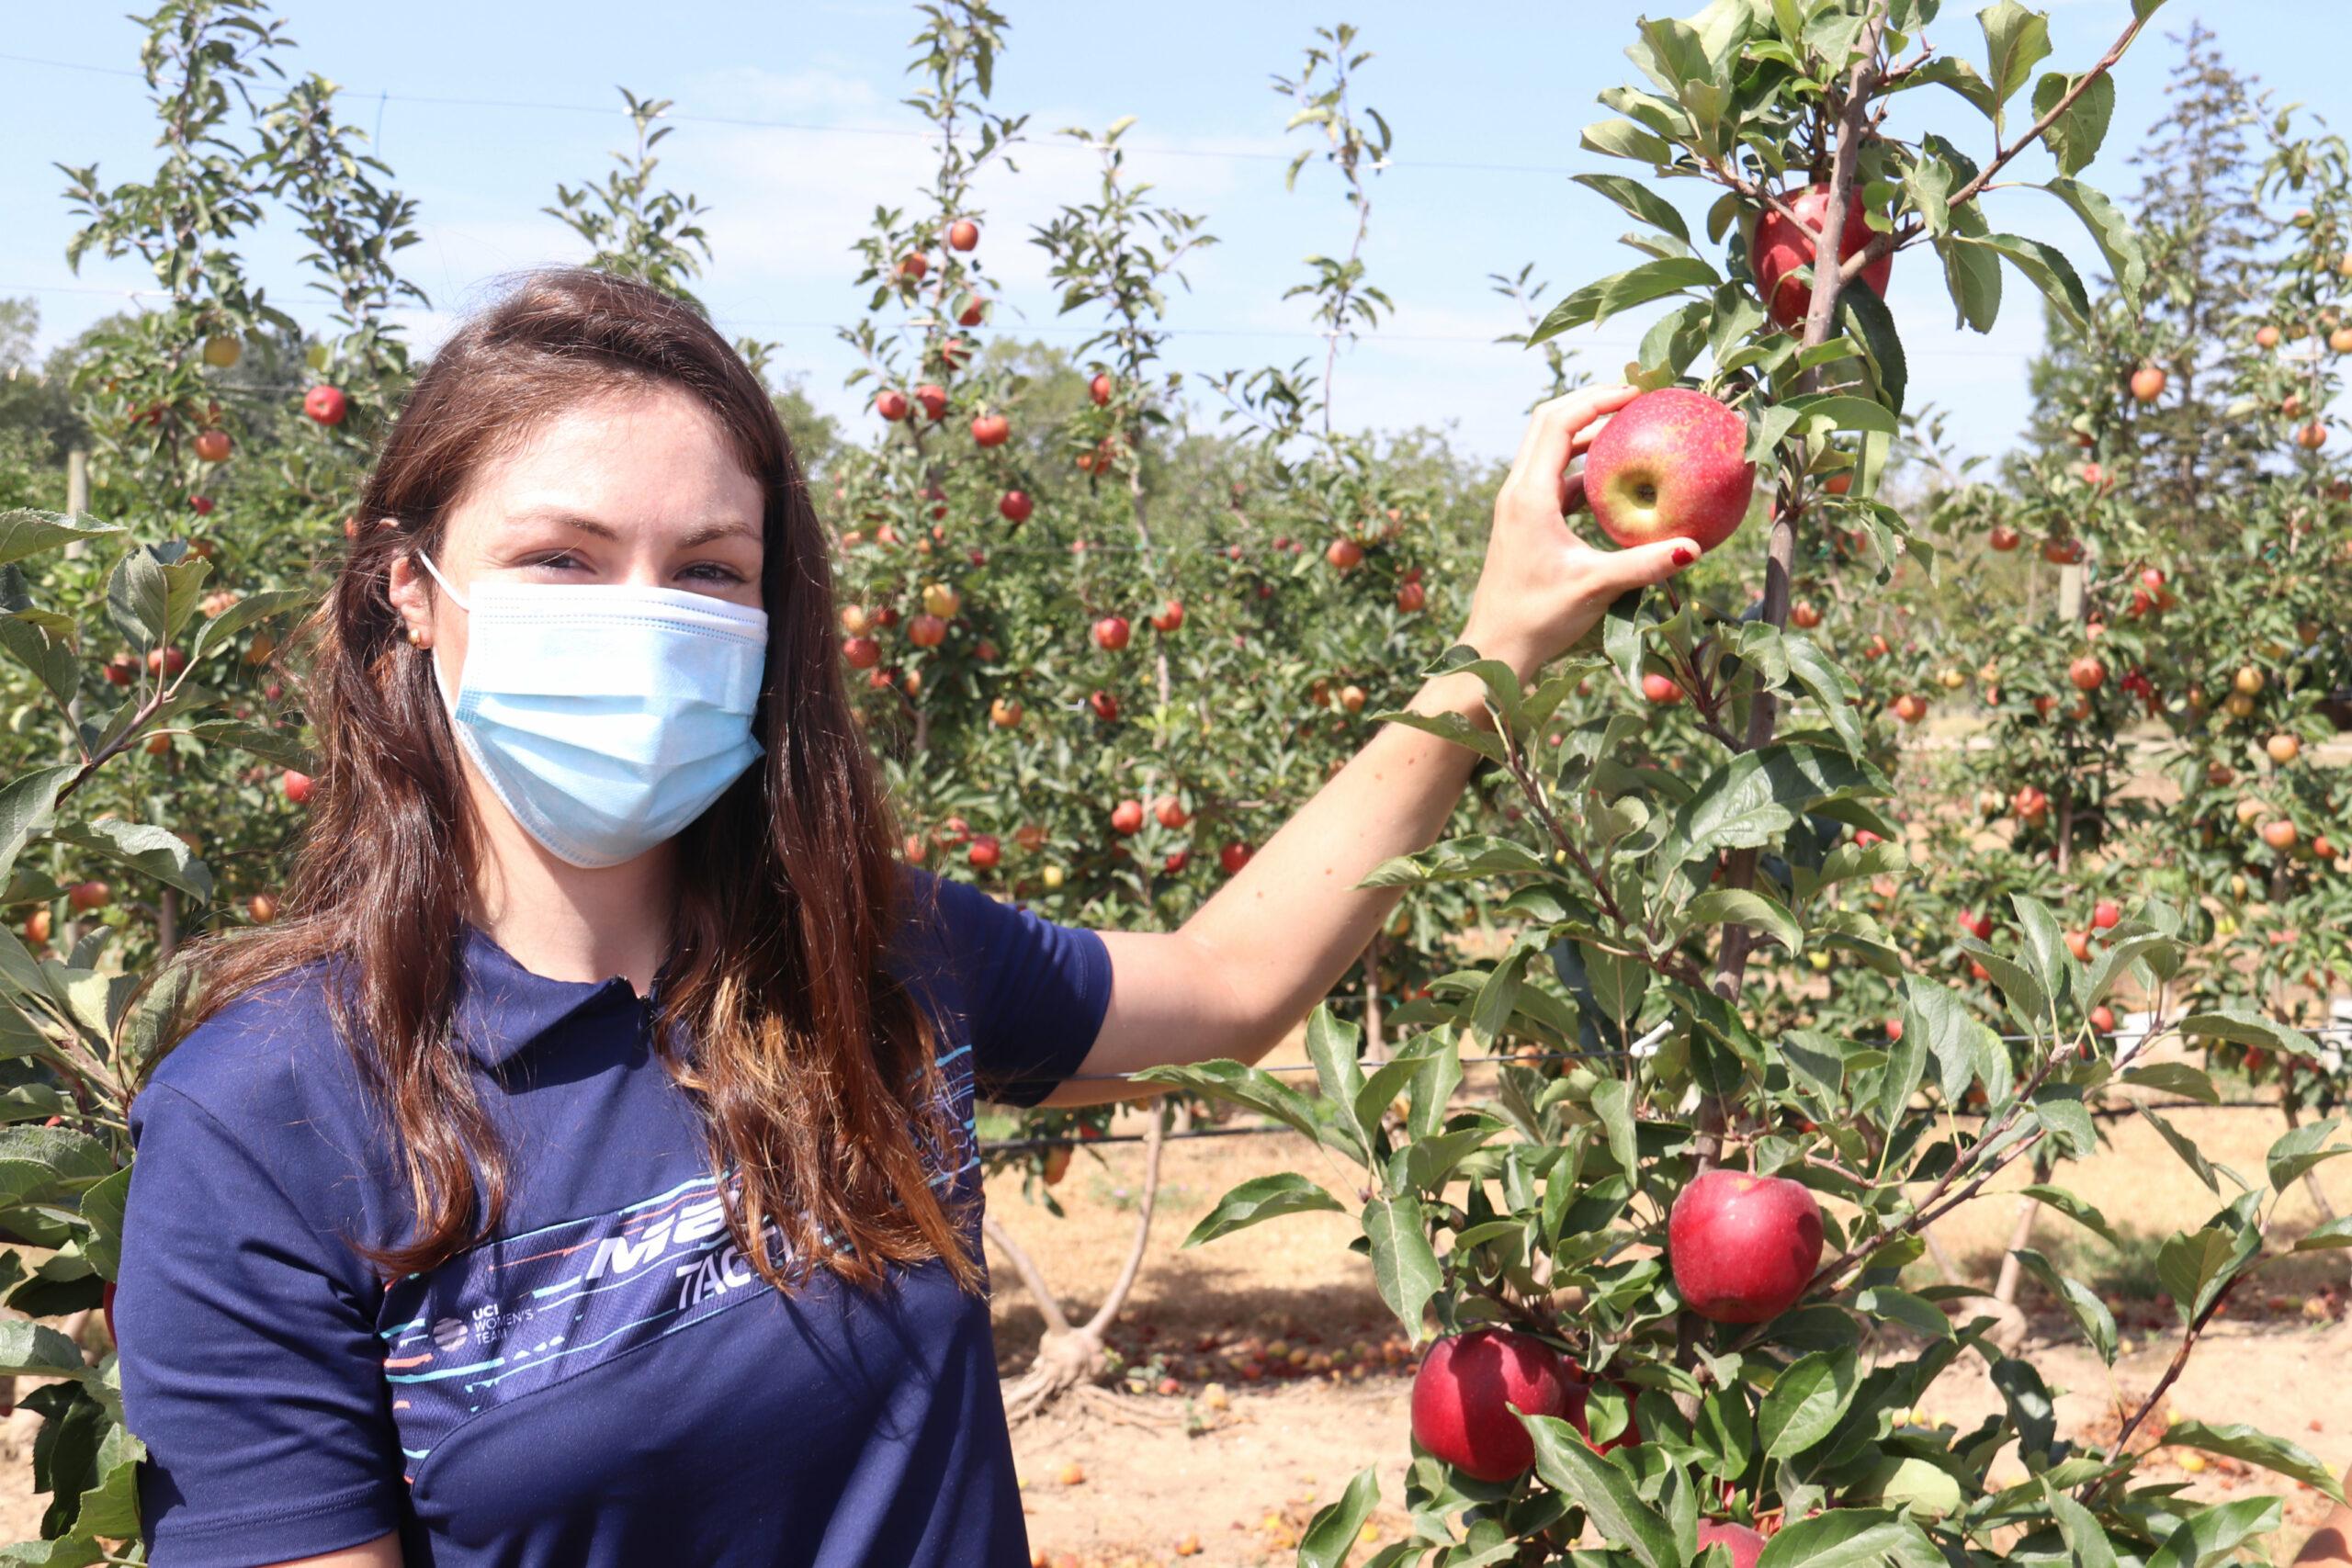 Una de les ciclistes de l'equip femení de ciclisme Massi Tactic, Ariadna Trias, recollint la primera poma de la IGP Poma de Girona    ACN